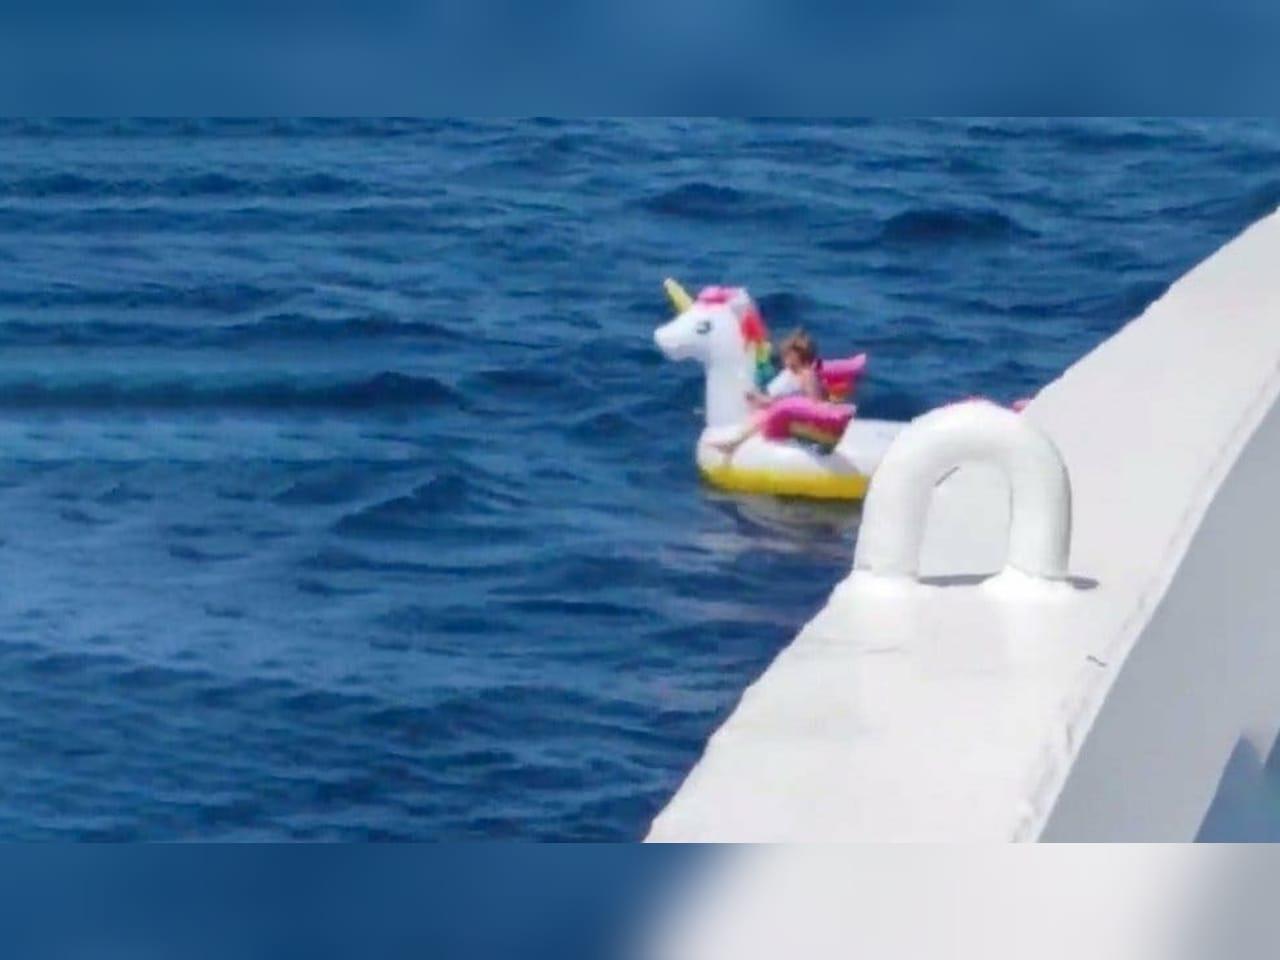 En Grecia una niña de 4 años fue rescatada por un ferry tras ser jalada por la corriente